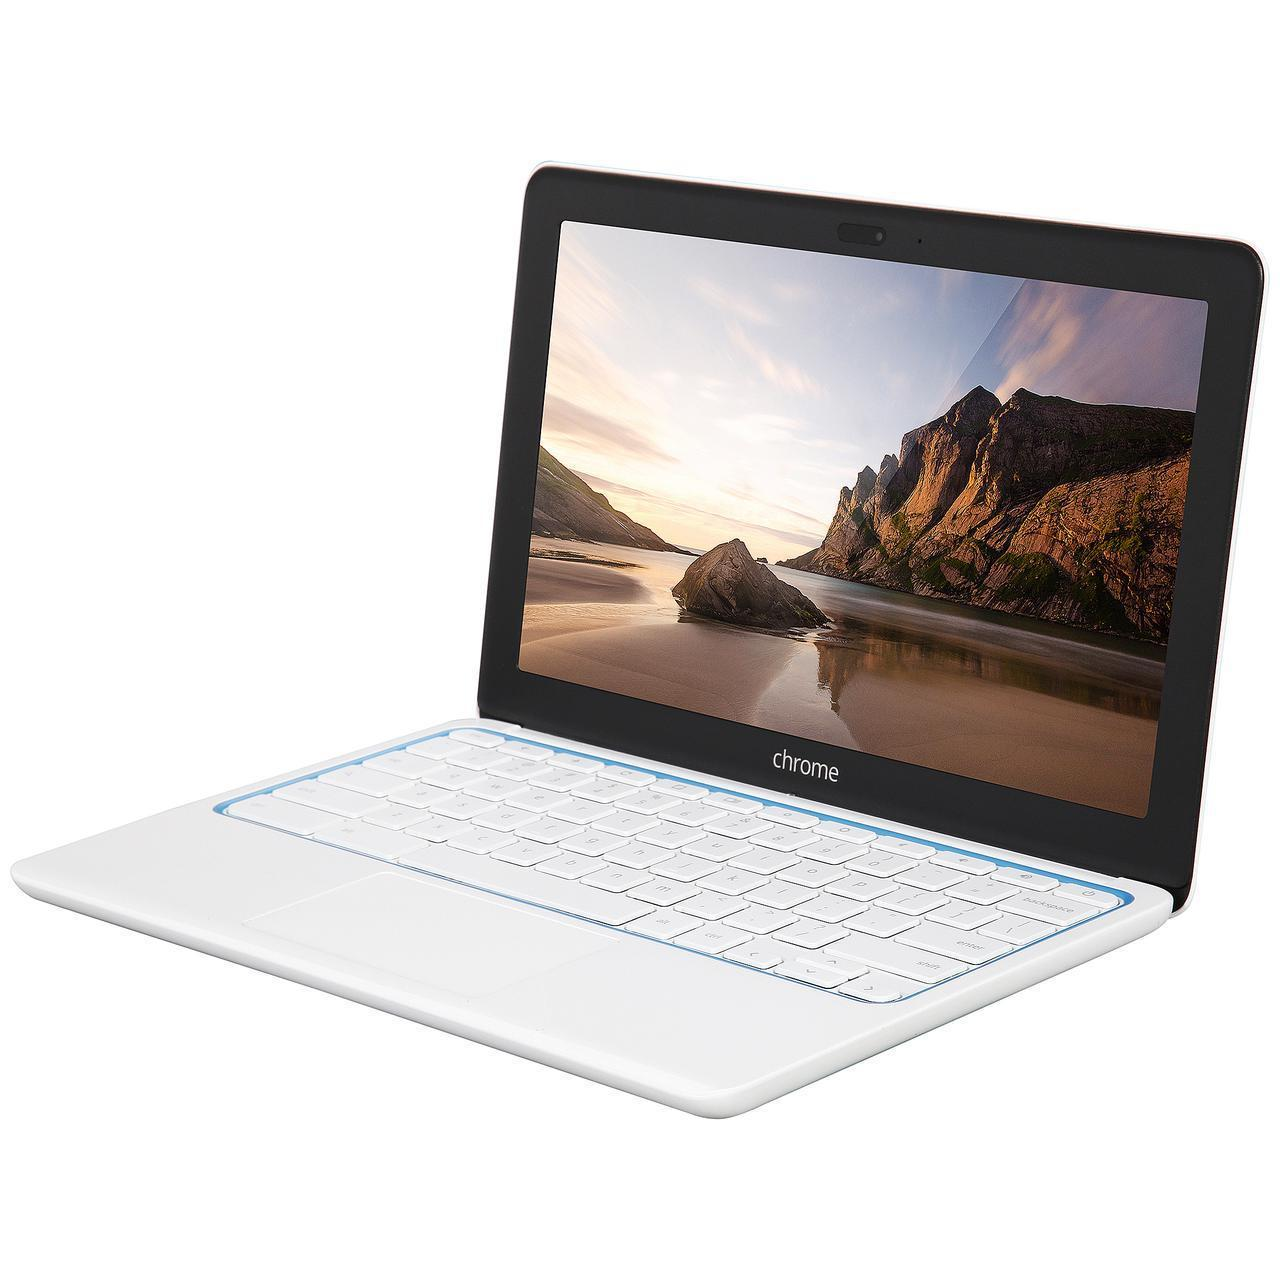 Hp ChromeBook 11 G1 11.6-inch (2017) - Exynos 5 5250 - 2 GB - SSD 16 GB